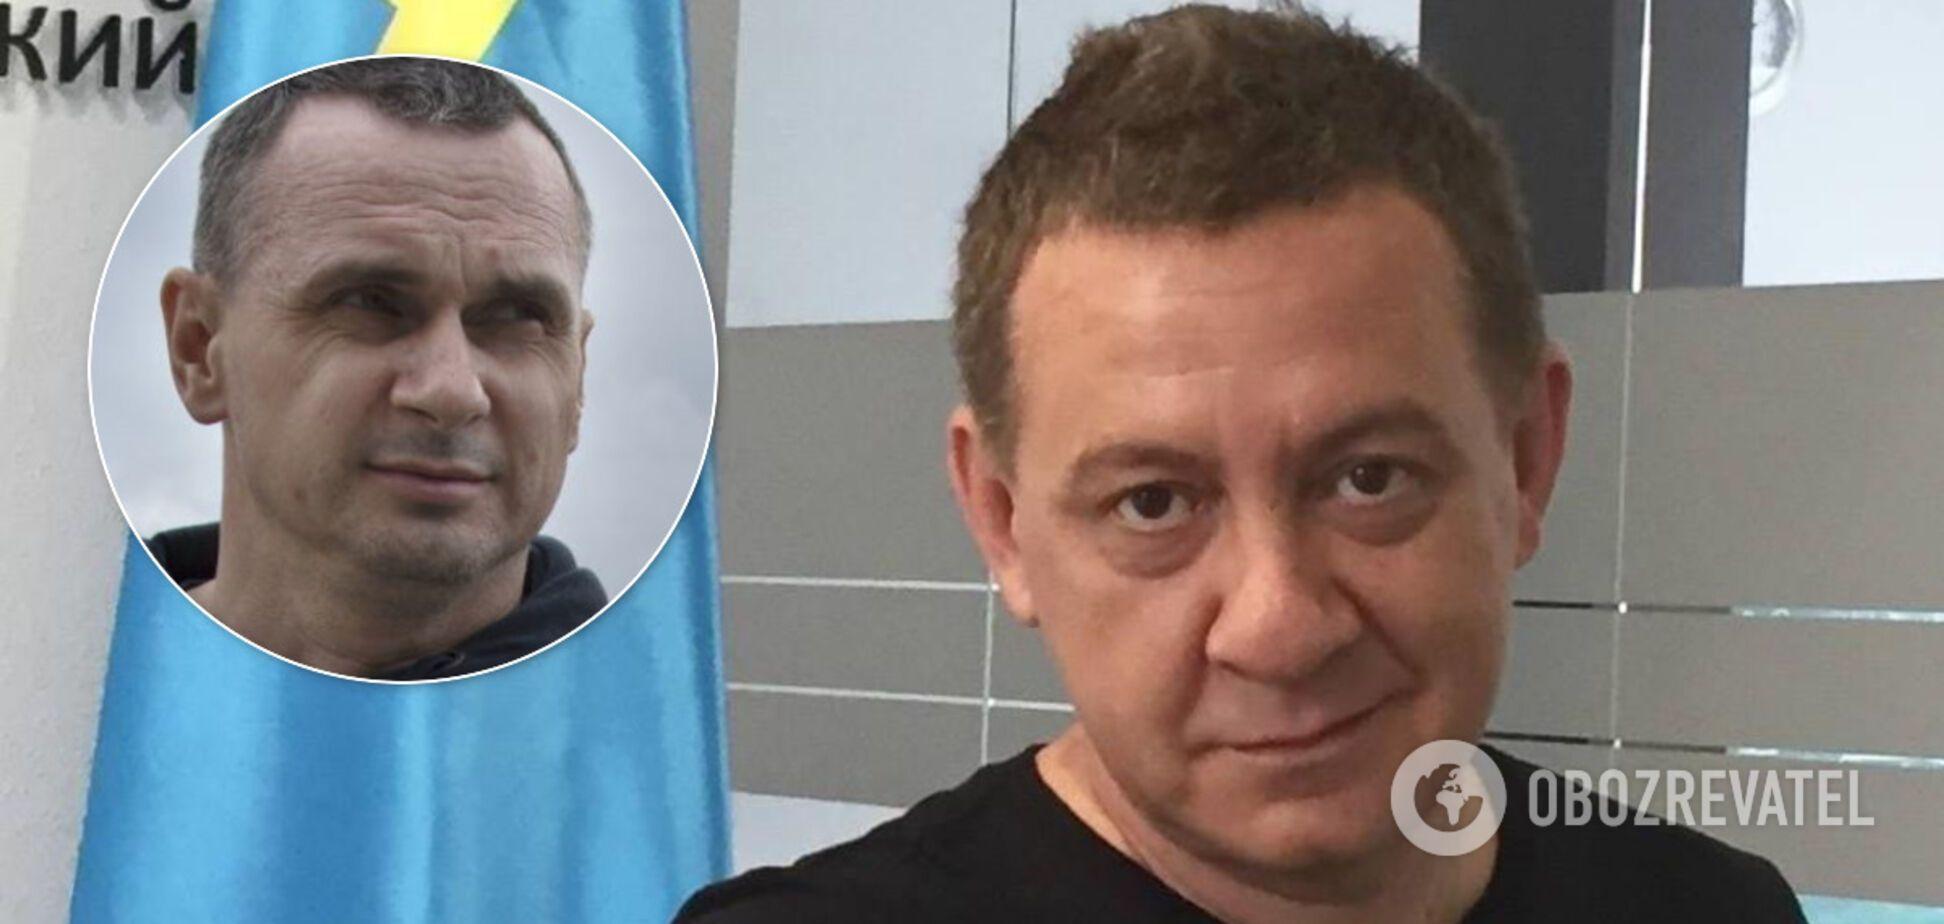 У Росії проти українського журналіста завели кримінальну справу через Сенцова